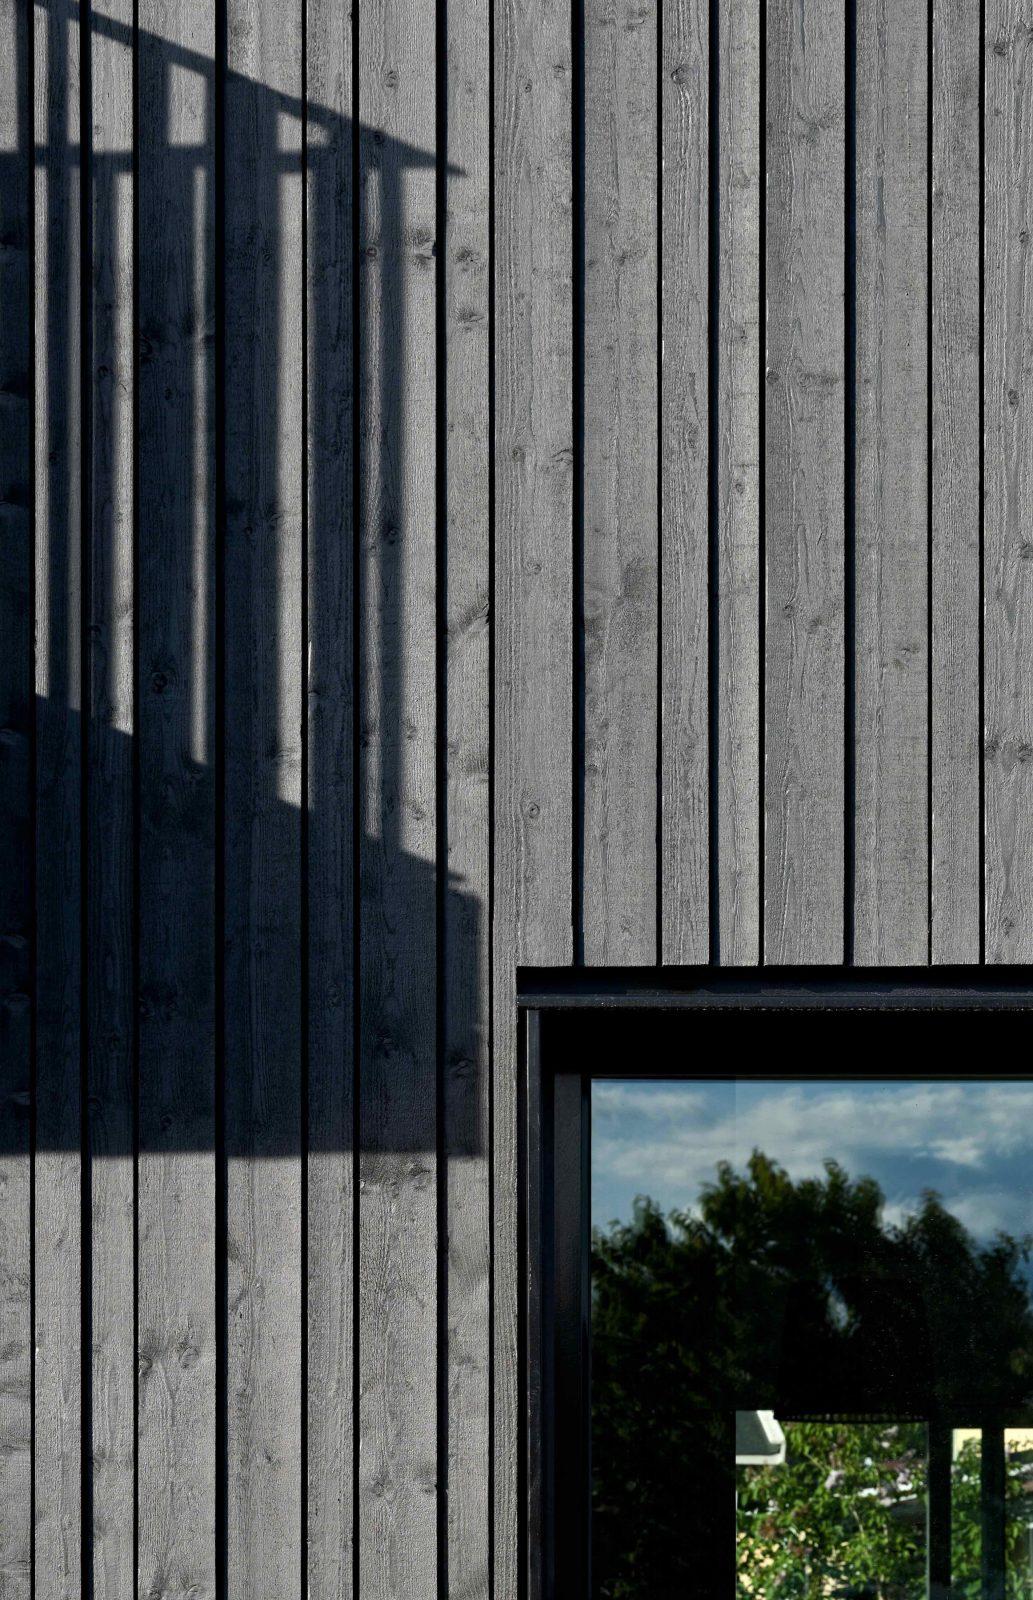 KjellanderSjoberg Sparsamheten detail window